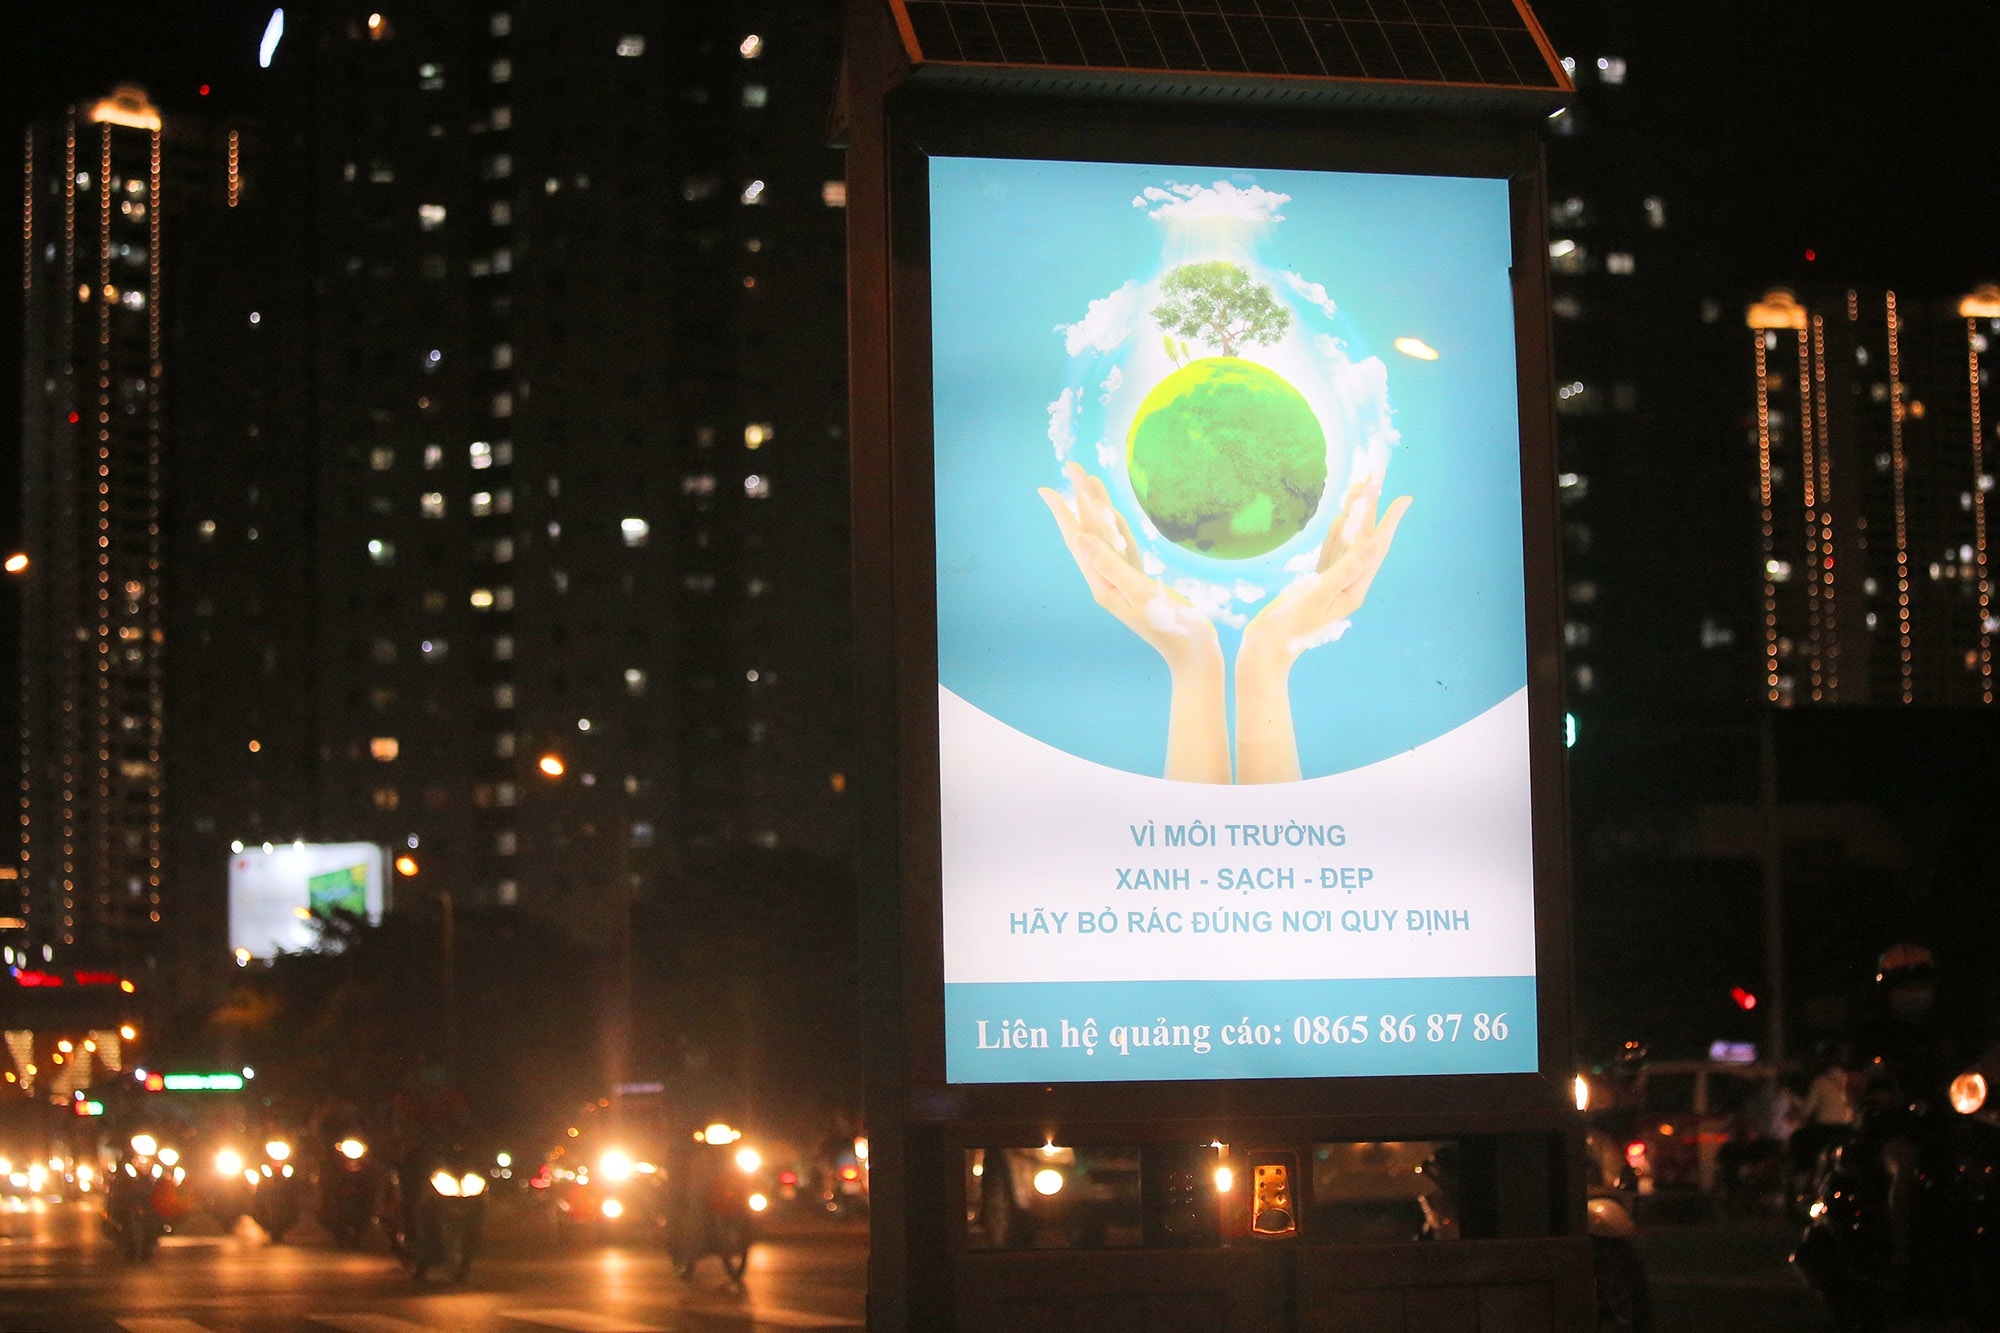 Hàng nghìn thùng rác phát sáng về đêm được lắp đặt tại Hà Nội - 11